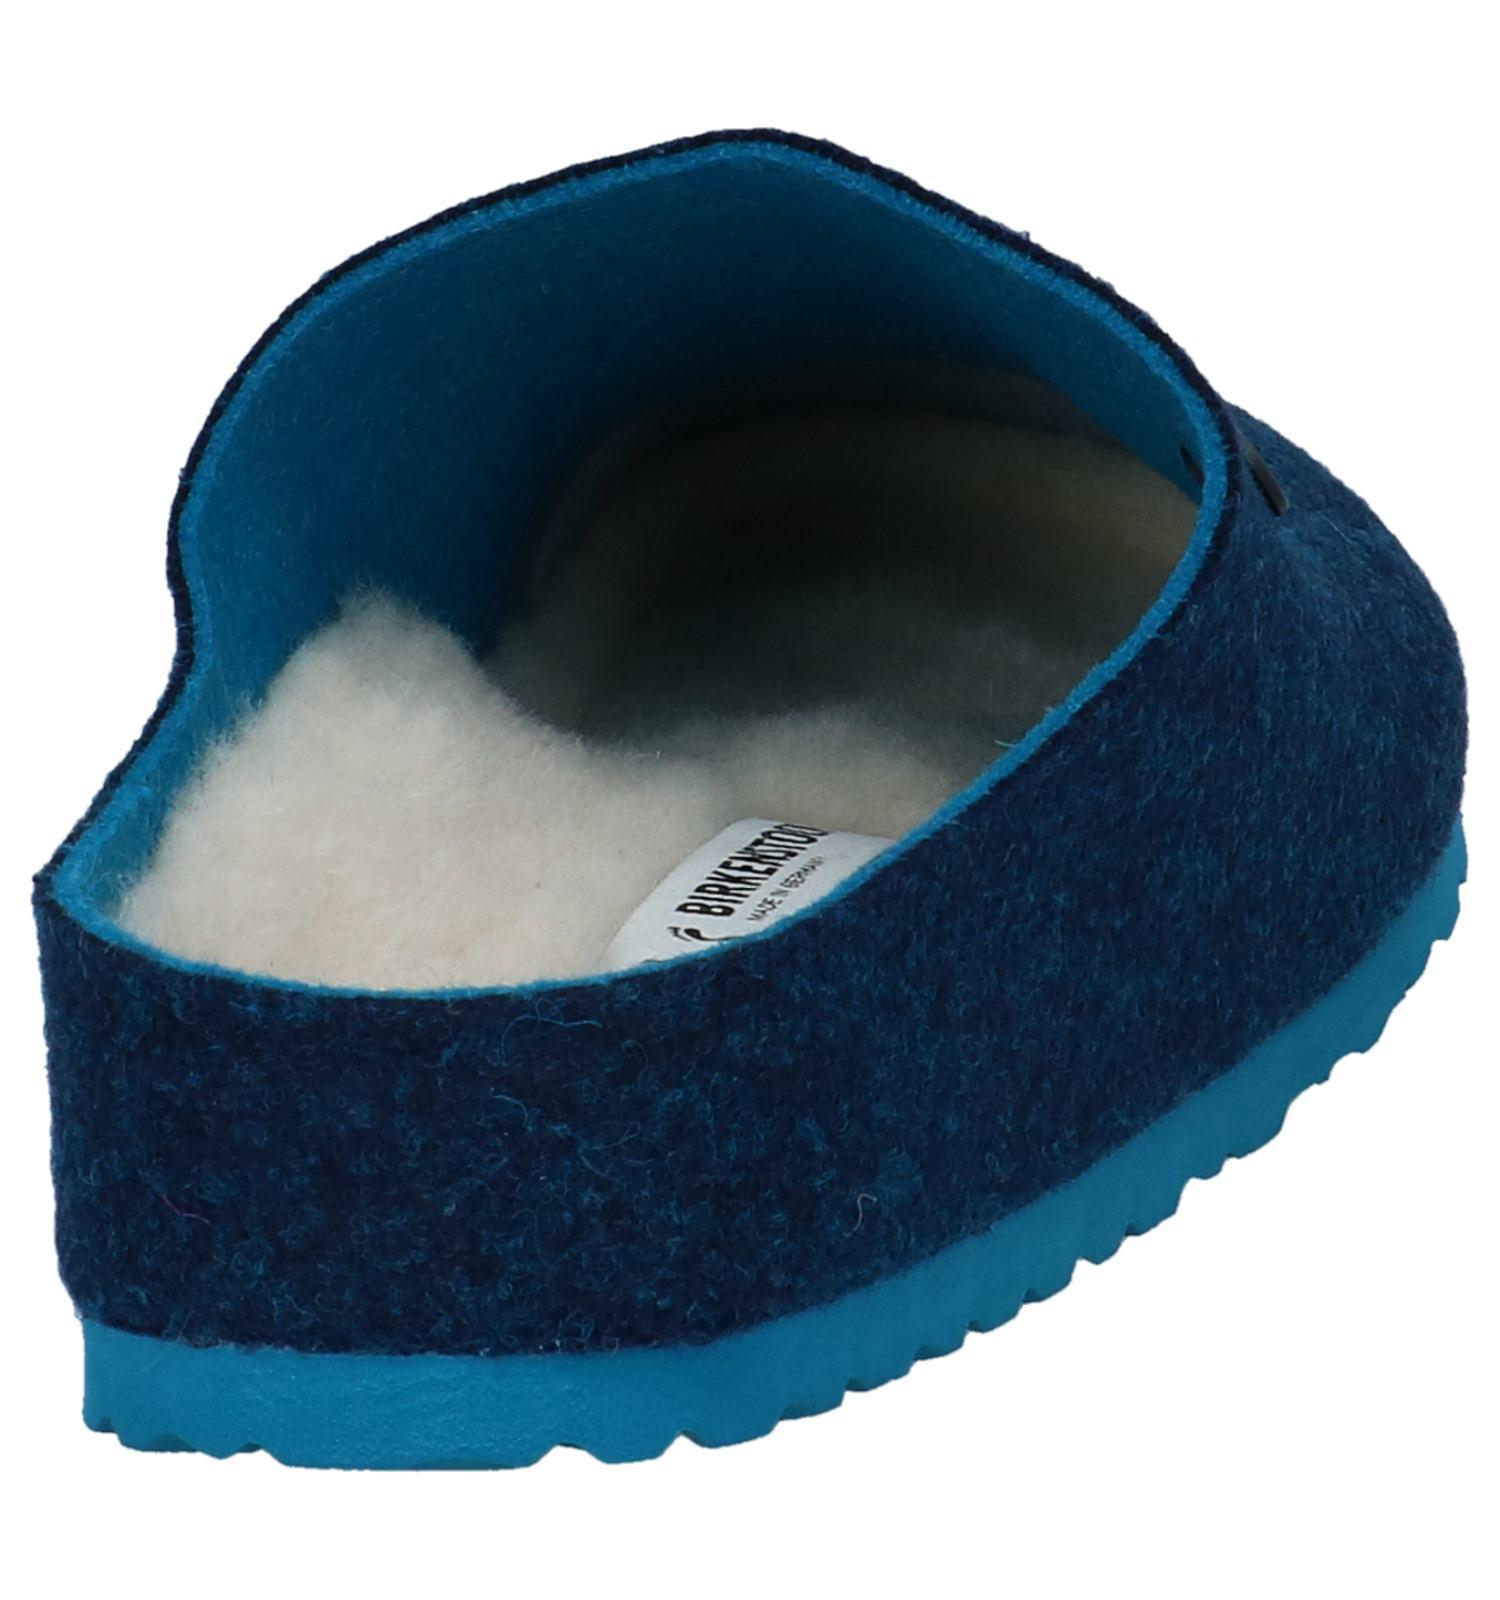 Donkerblauwe Donkerblauwe Pantoffels Birkenstock Donkerblauwe Pantoffels Kaprun Pantoffels Birkenstock Birkenstock Kaprun Kaprun c4Sq3A5LRj